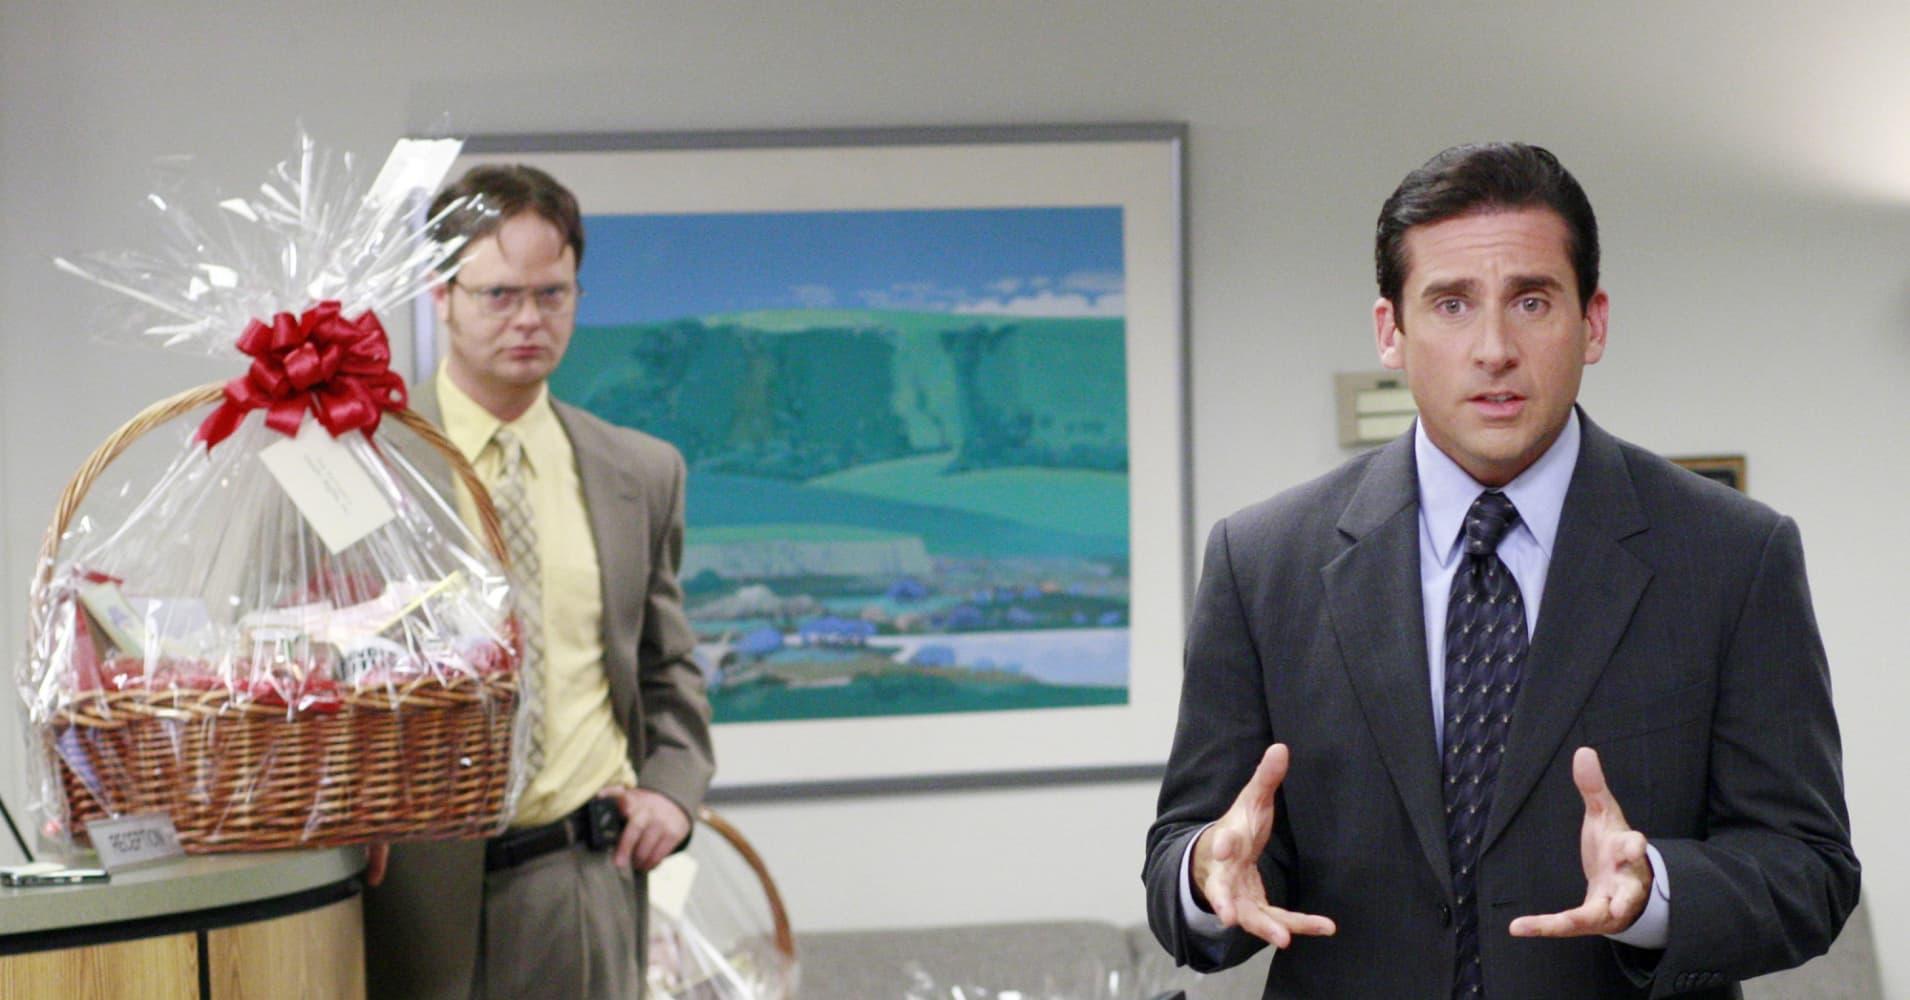 Rainn Wilson as Dwight Schrute and Steve Carell as Michael Scott on The Office.